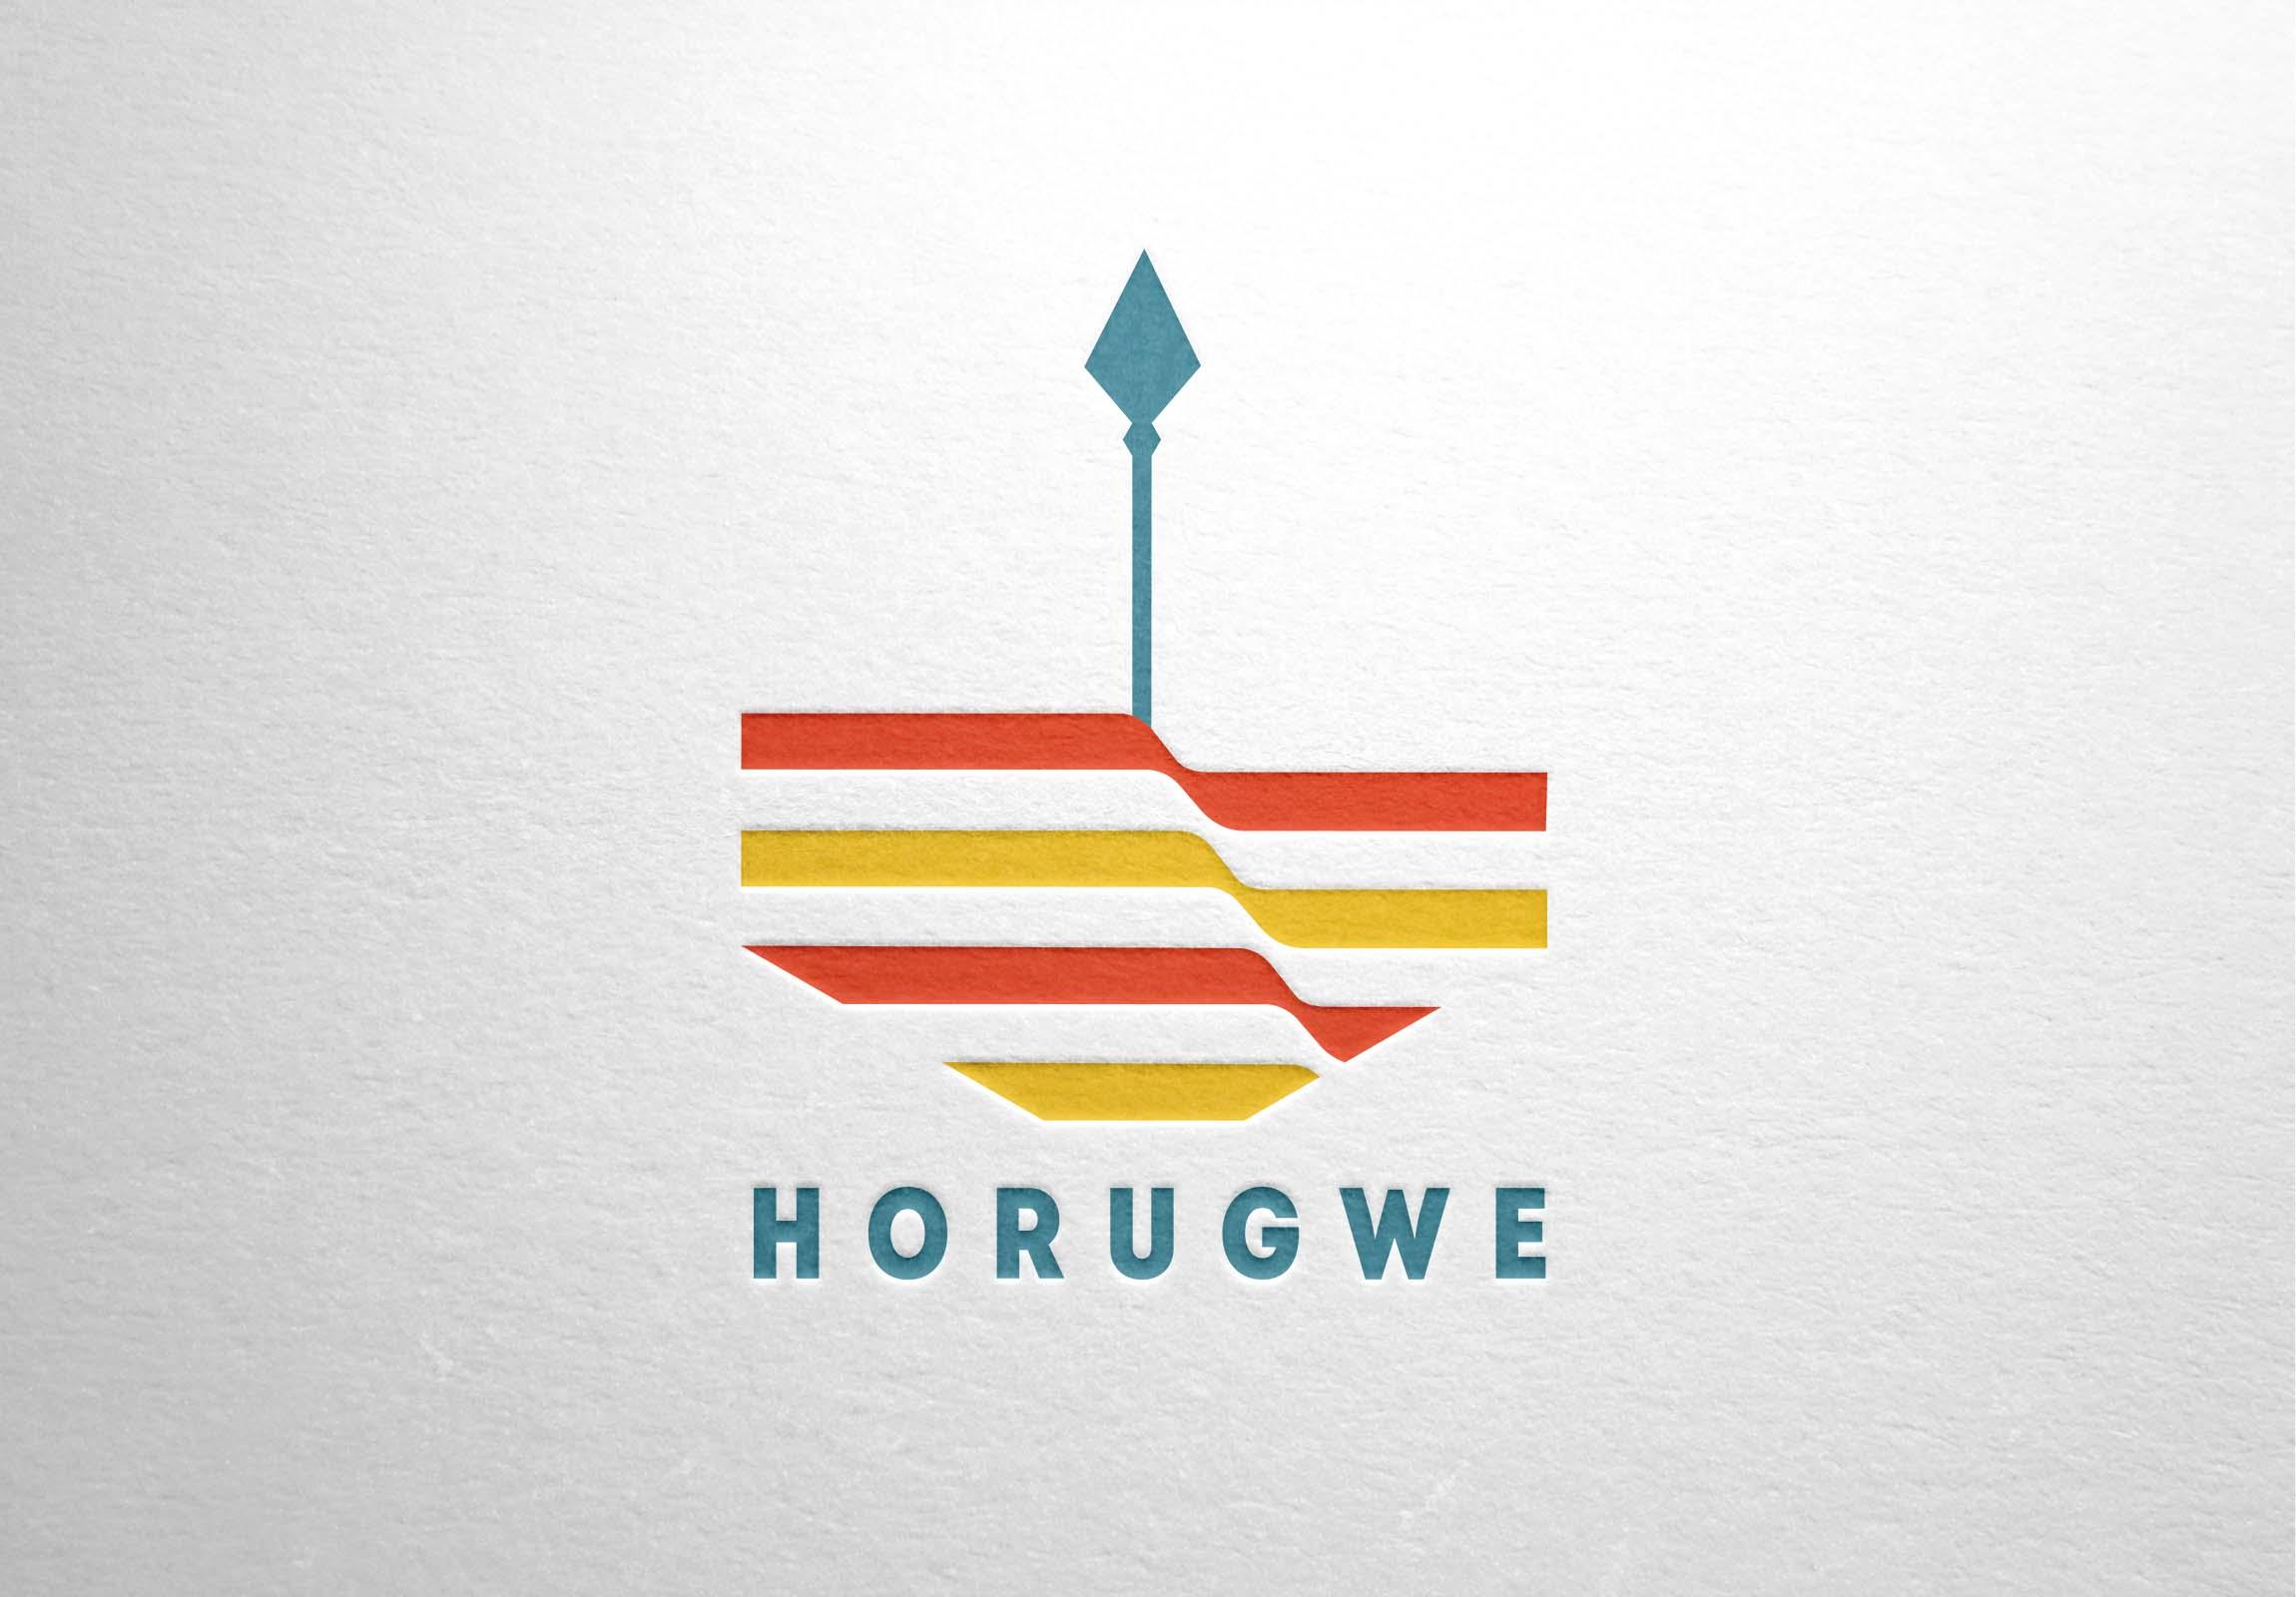 Разработка названия бренда + логотип фото f_82358ff29f1e0e6c.jpg